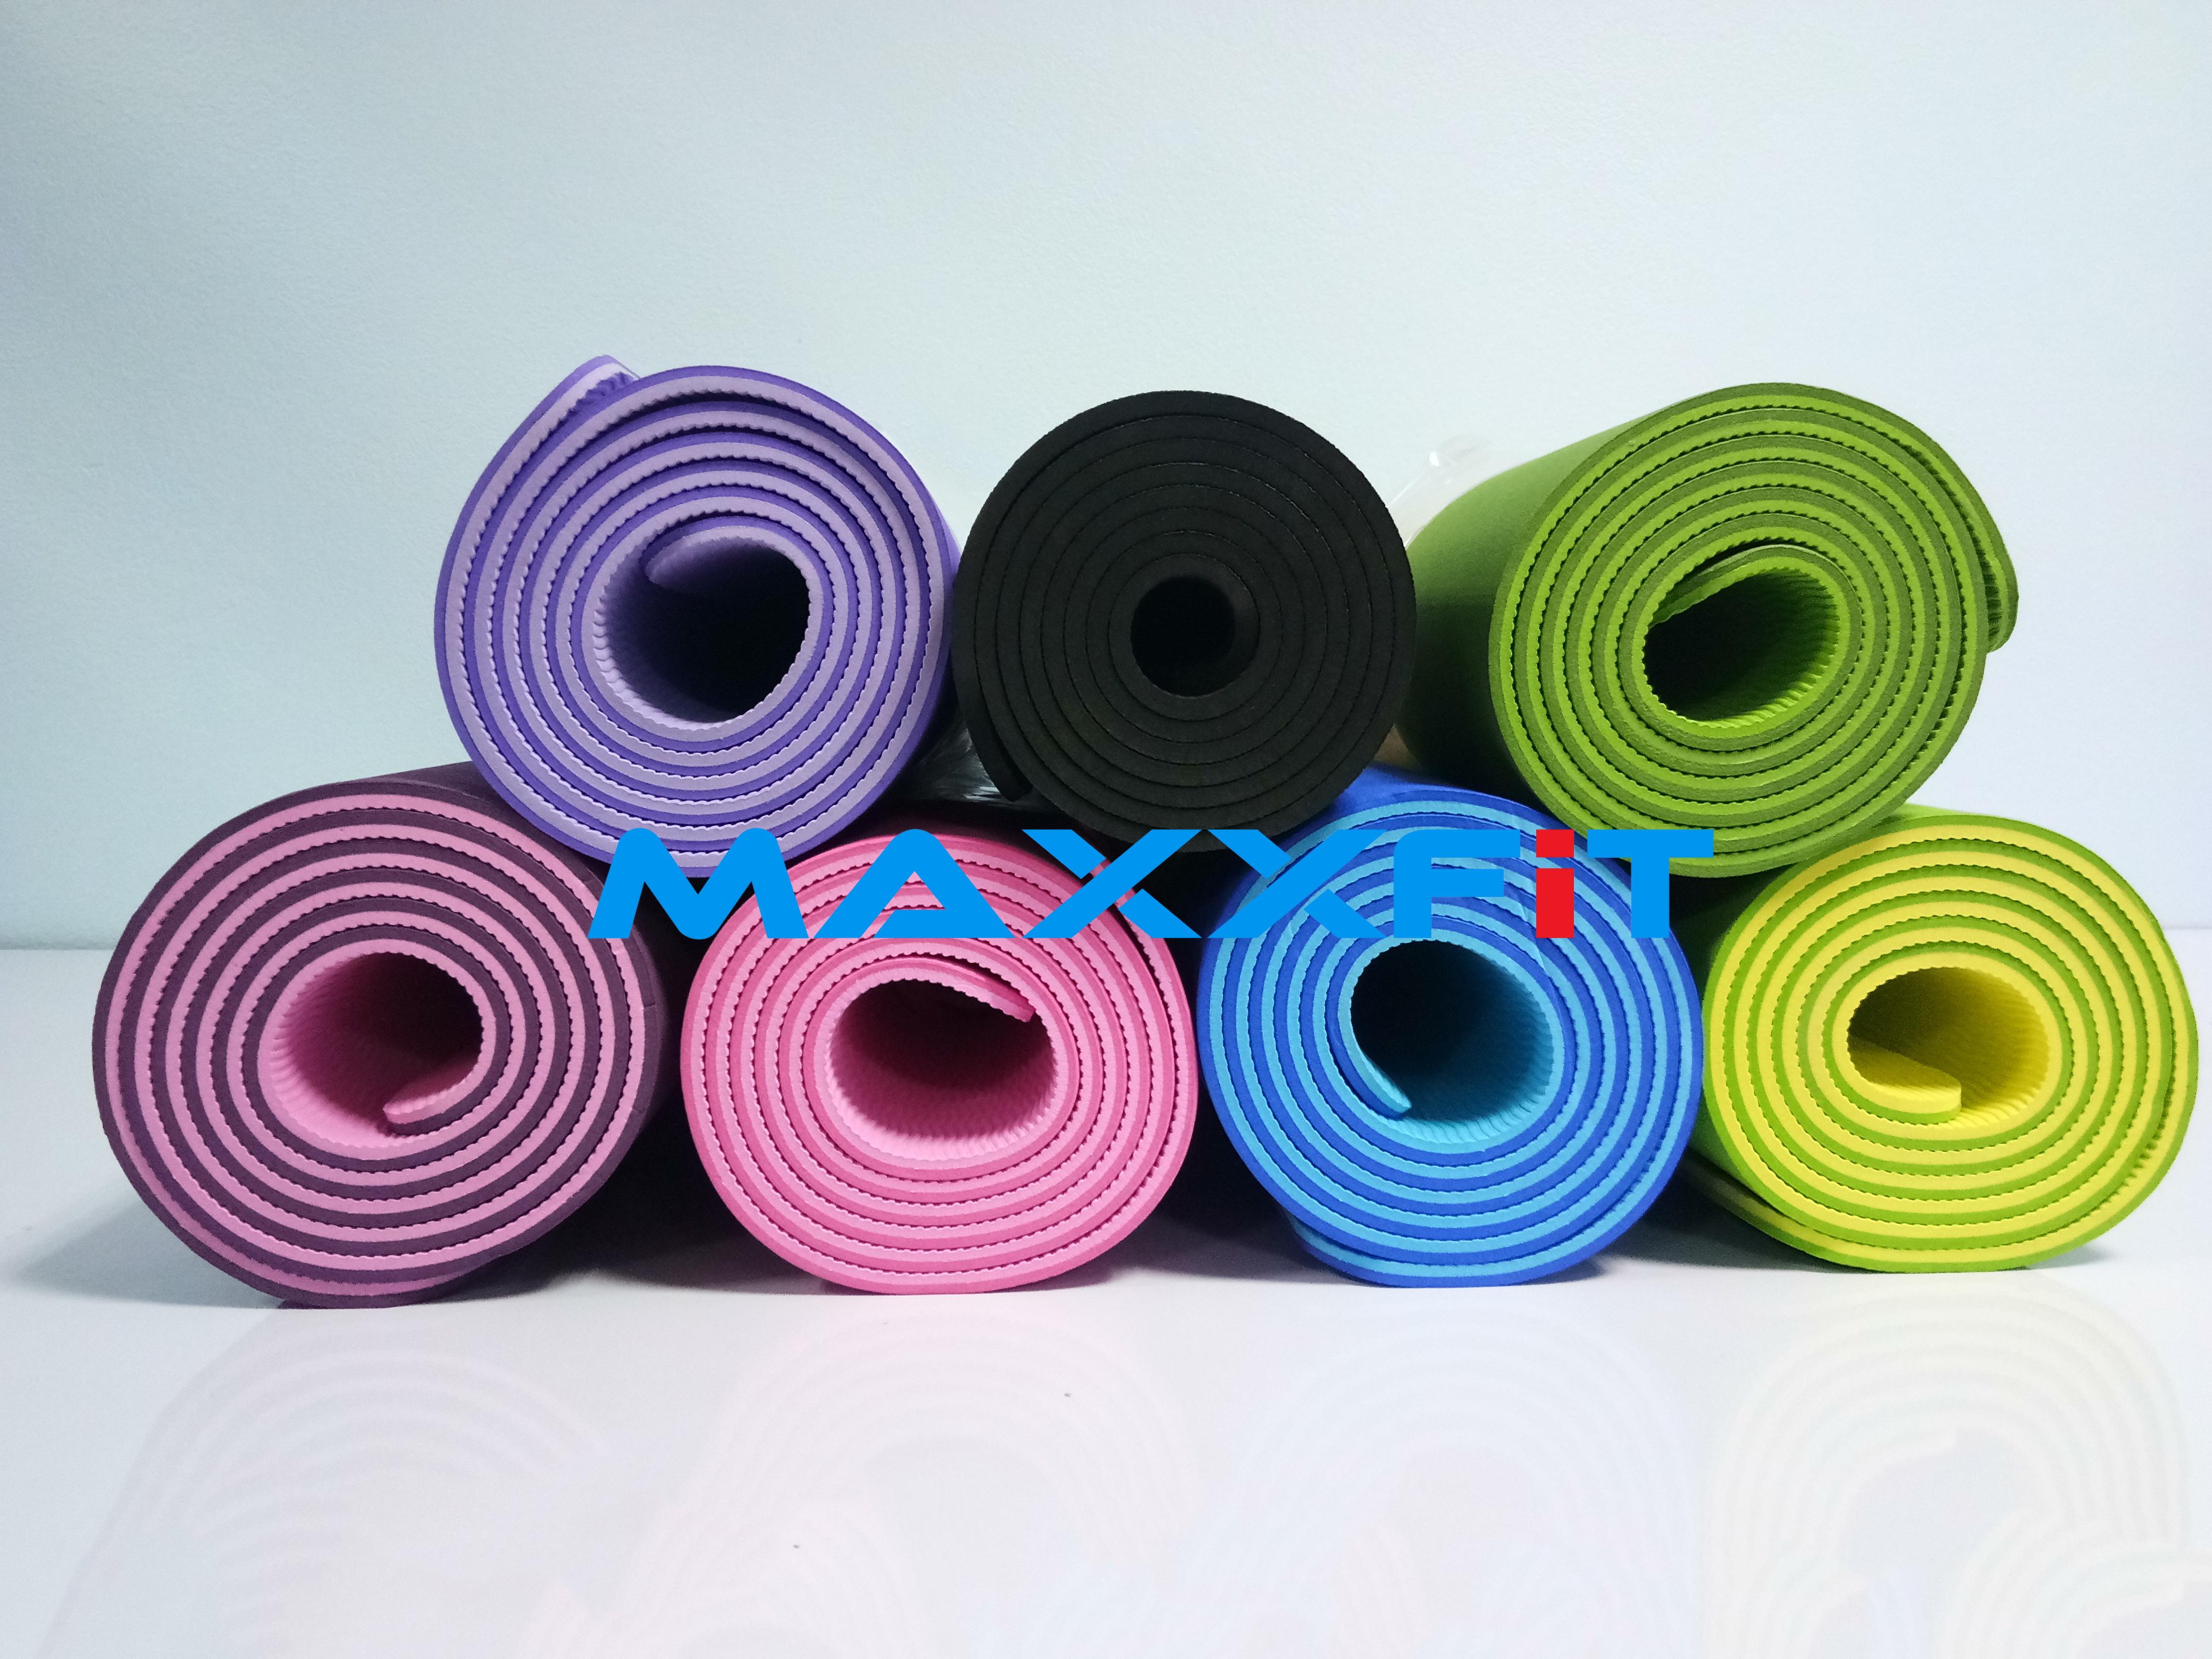 ขาย เสื่อโยคะ (Yoga Mat) TPE 2 Layers เกรด A ขนาด 6 MM.